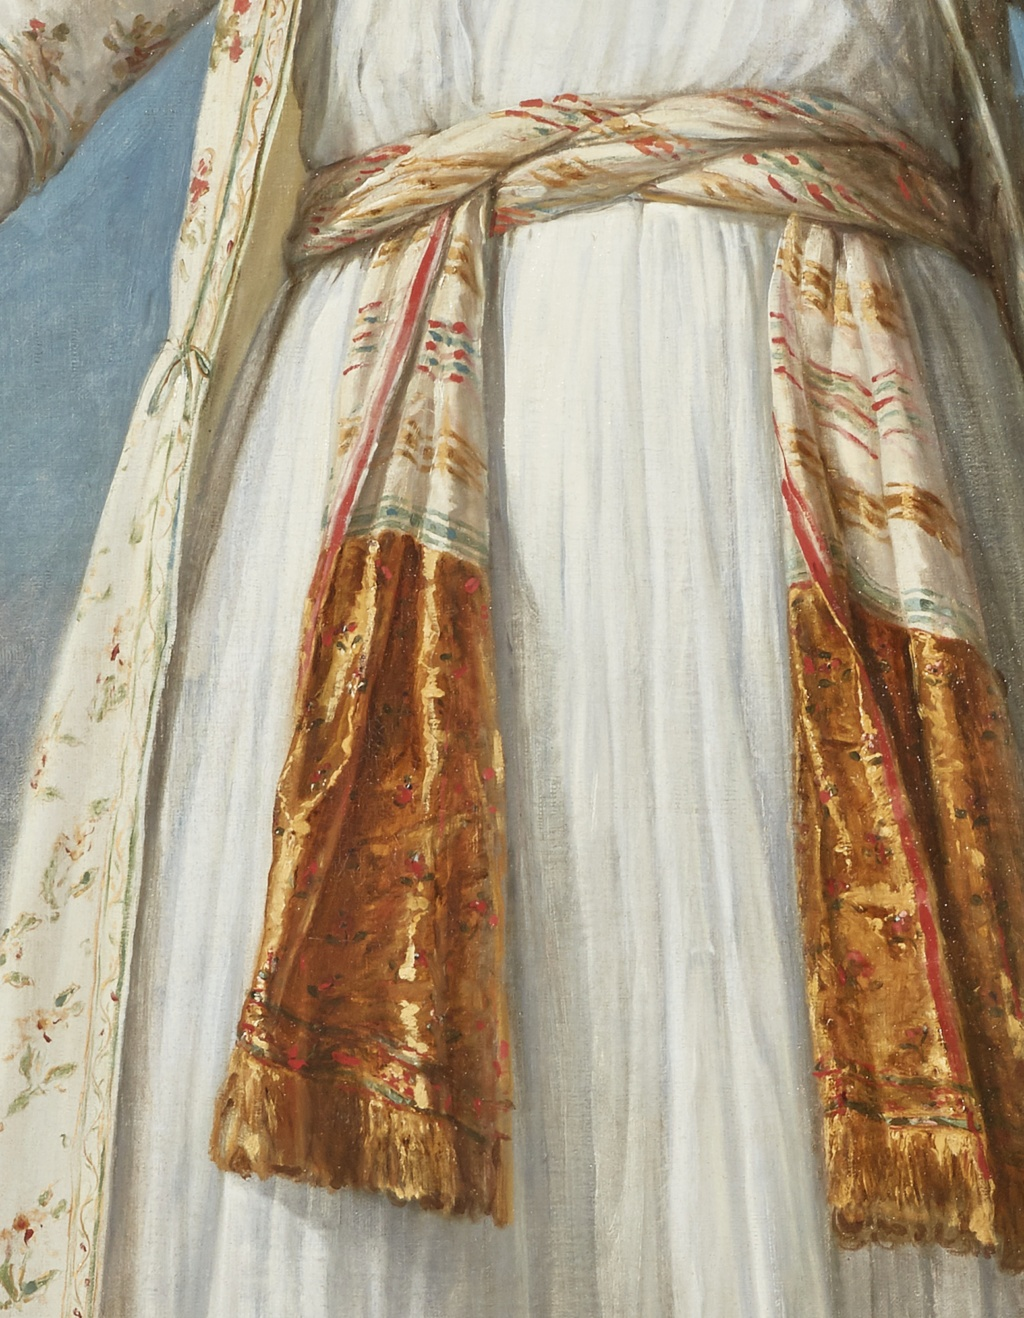 Galerie virtuelle des oeuvres de Mme Vigée Le Brun - Page 14 366n1011